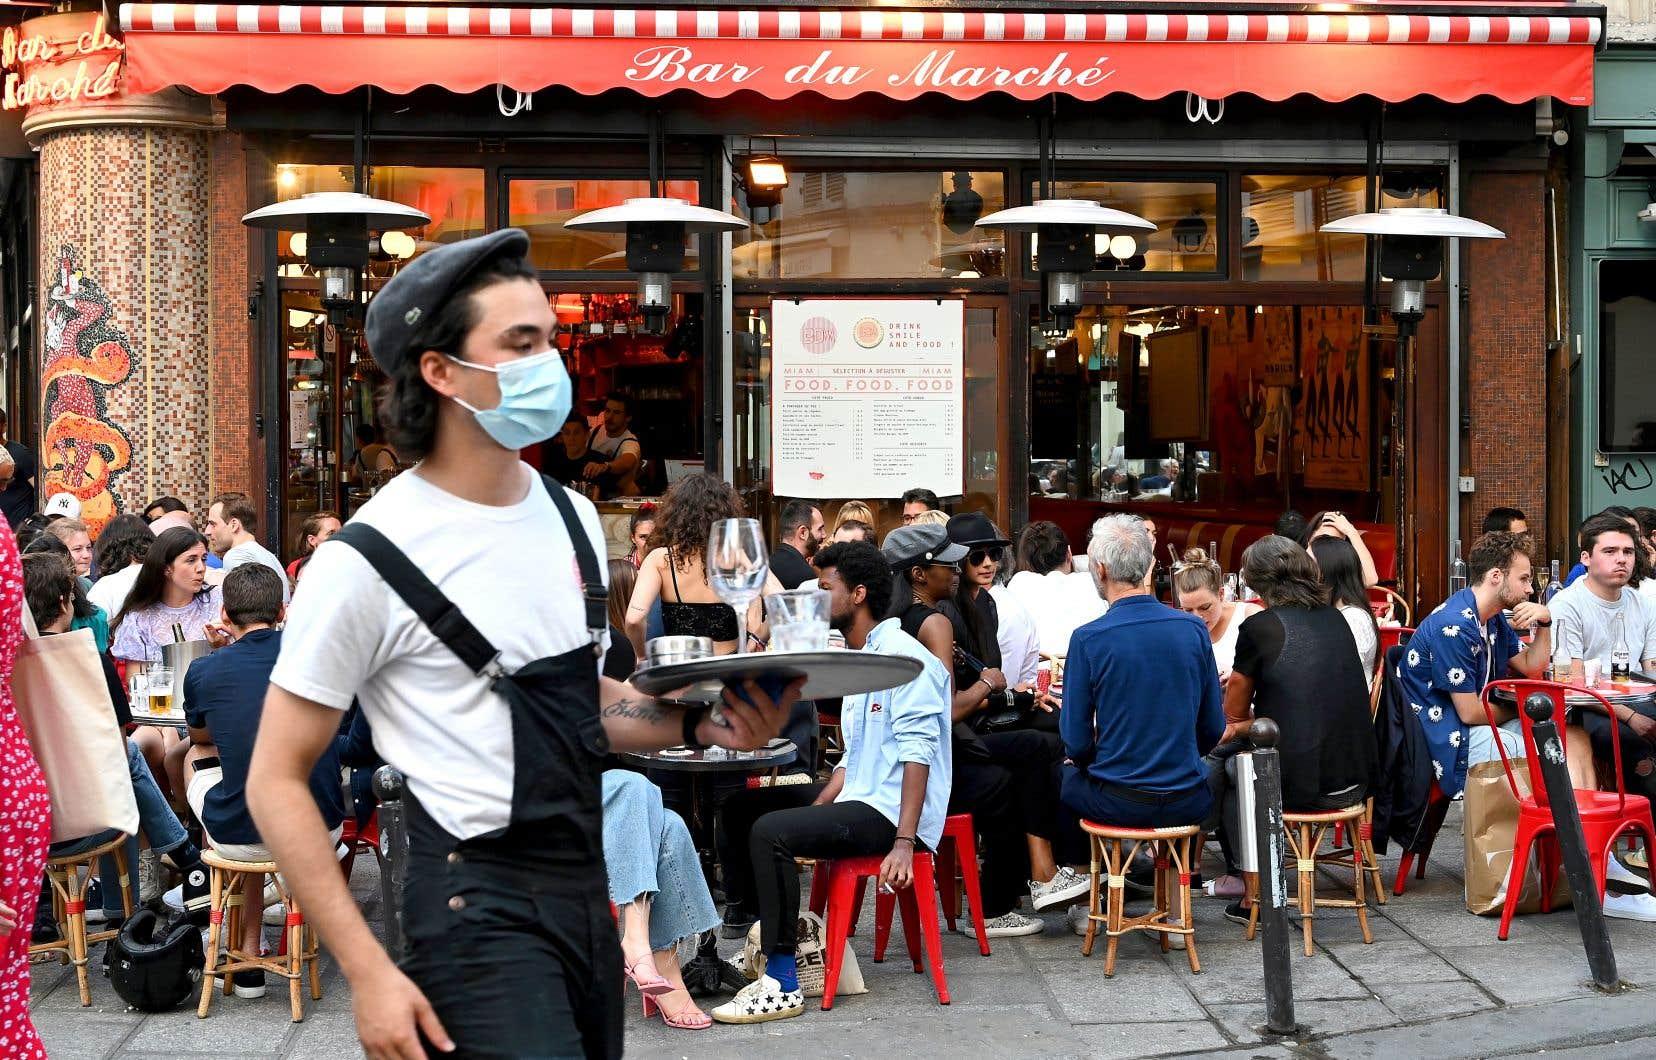 Si le reste du pays voit ses bars et restaurants rouvrir leurs salles, à Paris, en «zone orange», seules les terrasses peuvent accueillir la clientèle. Sur cette photo, un serveur porte le masque en passant entre les tables bondées, une mesure désormais obligatoire.